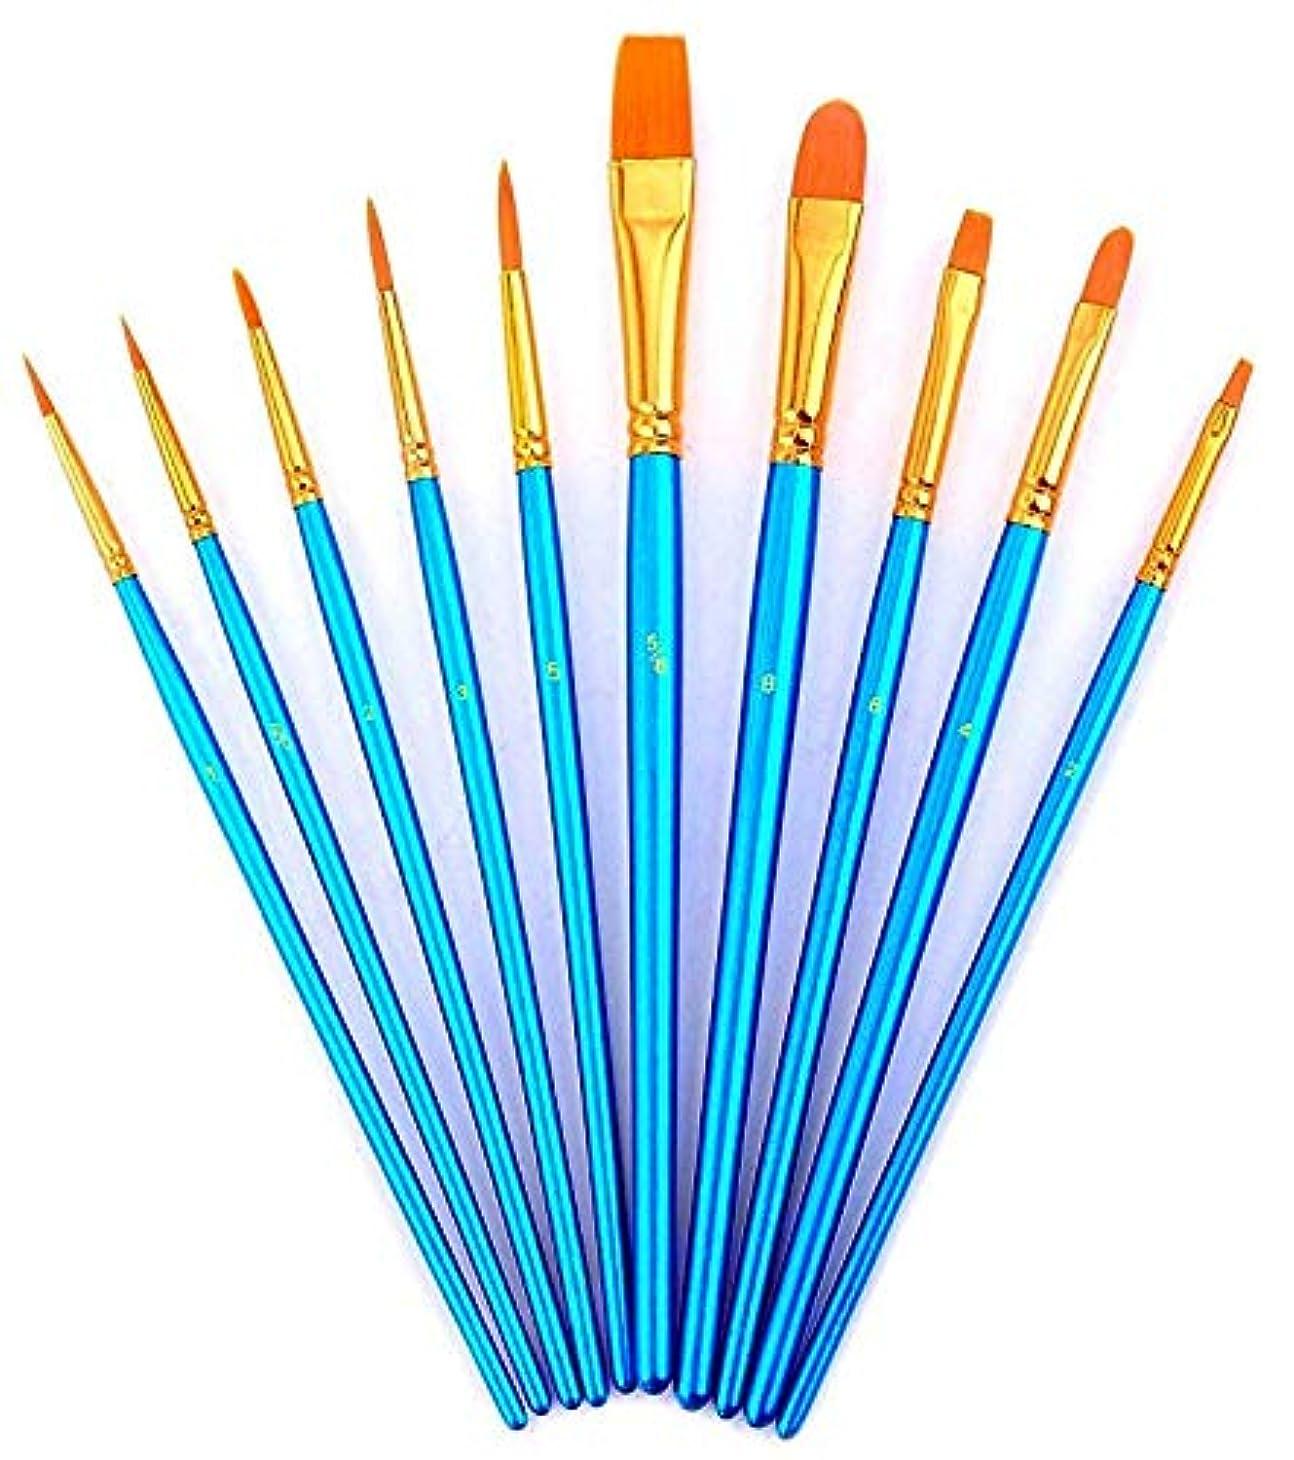 静める大宇宙はしご絵筆 ペイントブラシ 水彩用 10本ブルー アクリル筆/油絵筆/水彩筆/画筆